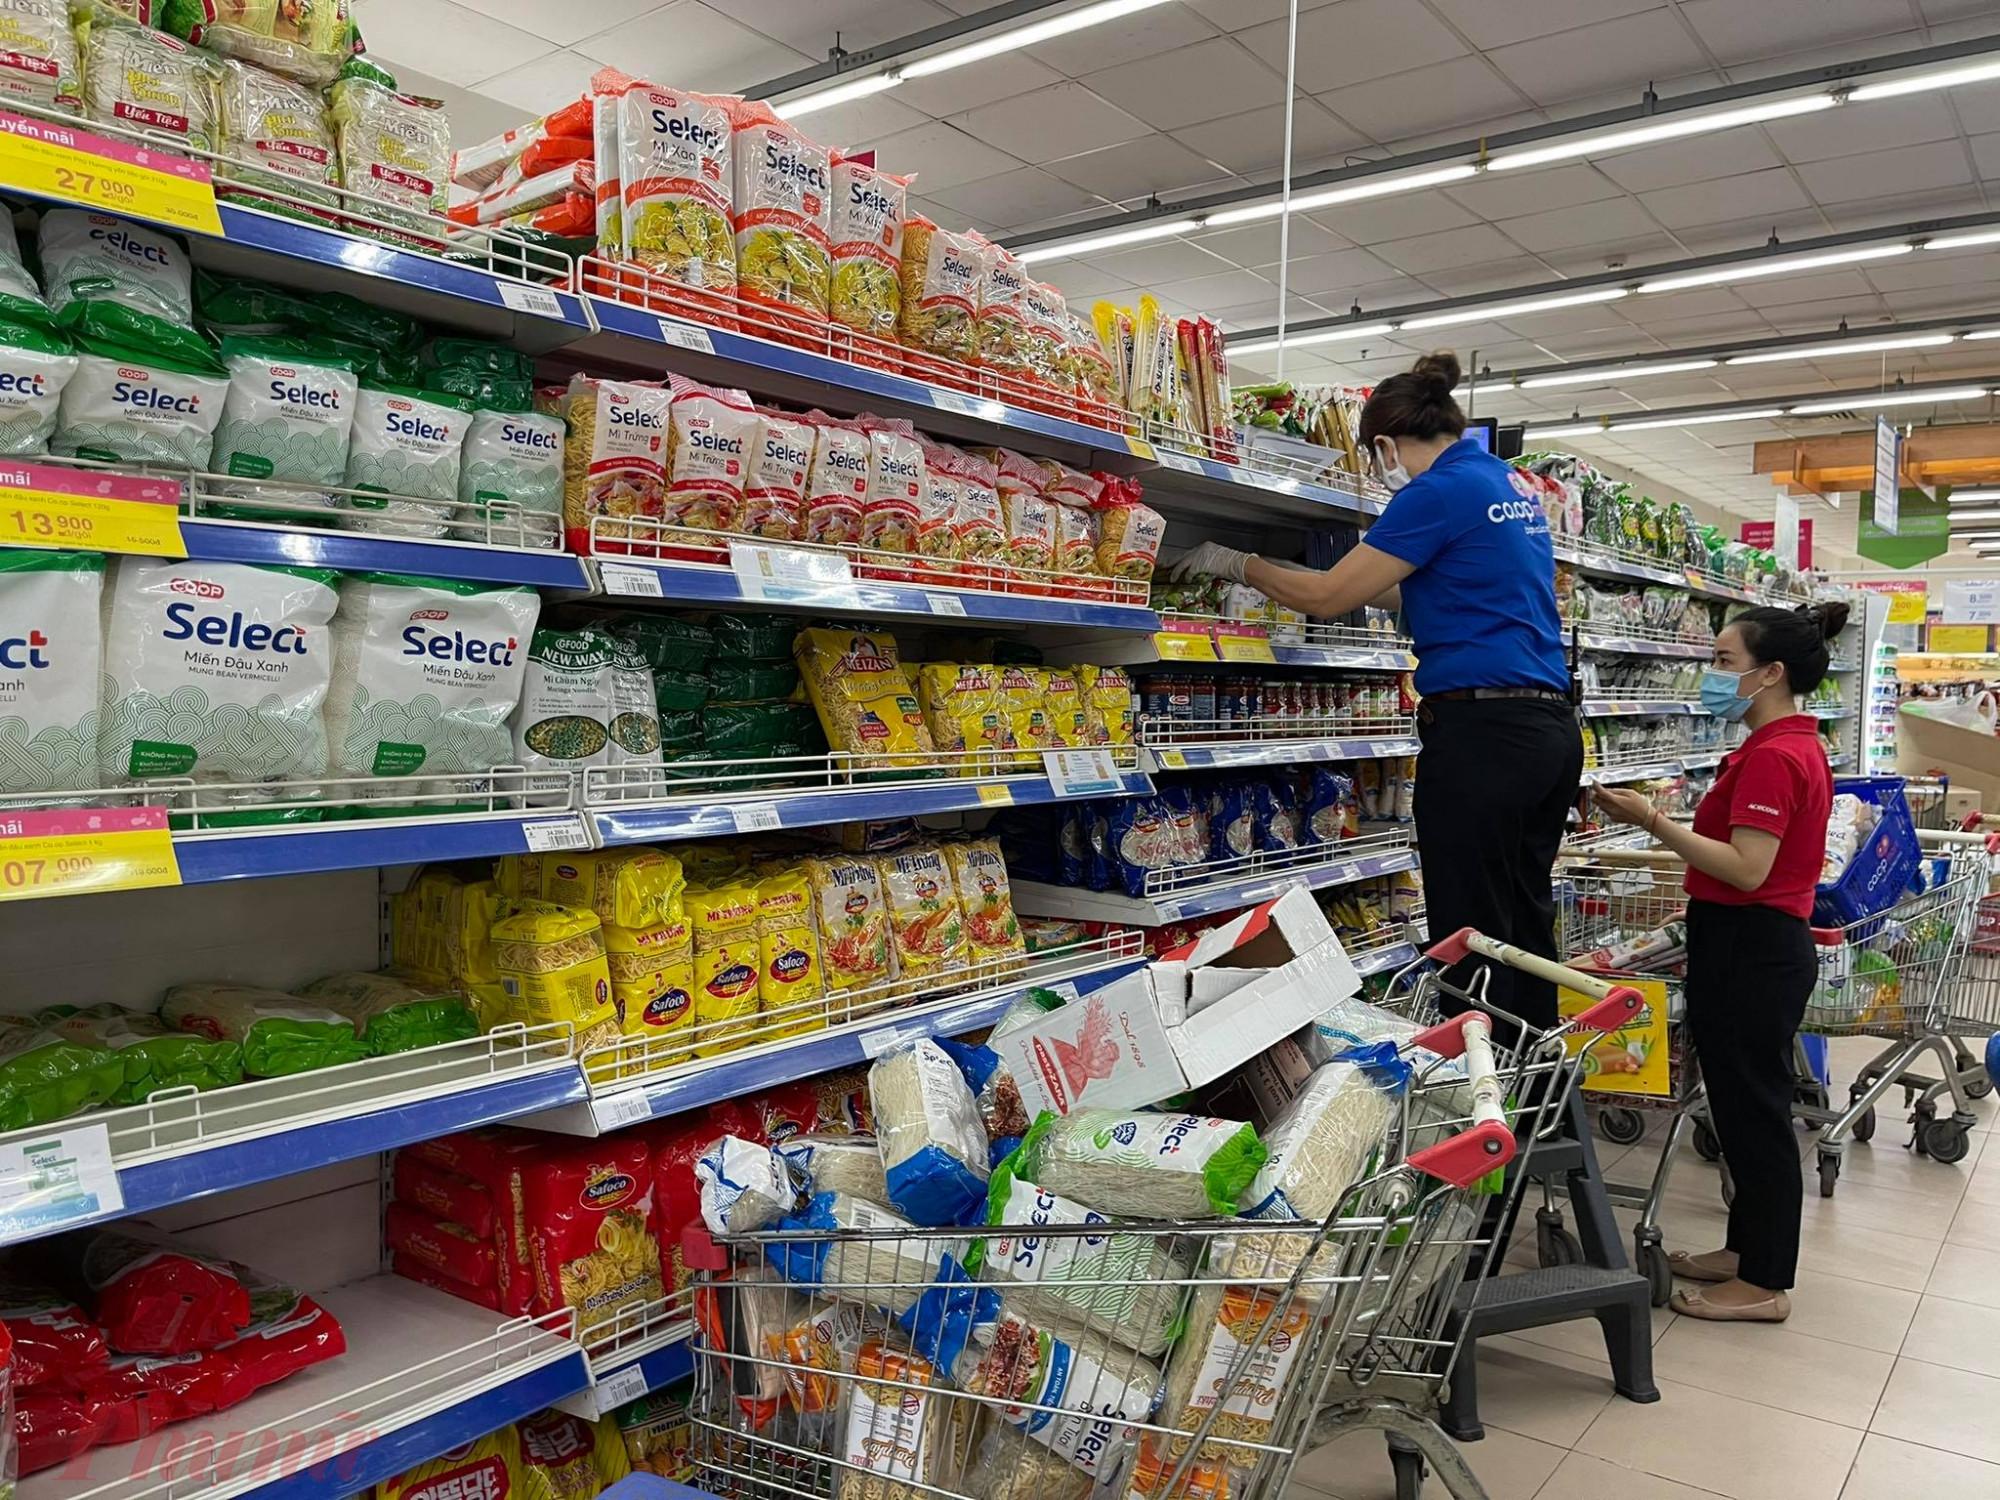 Nhân viên siêu thị chêm hàng hóa liên tục, người dân không lo thiếu hàng.